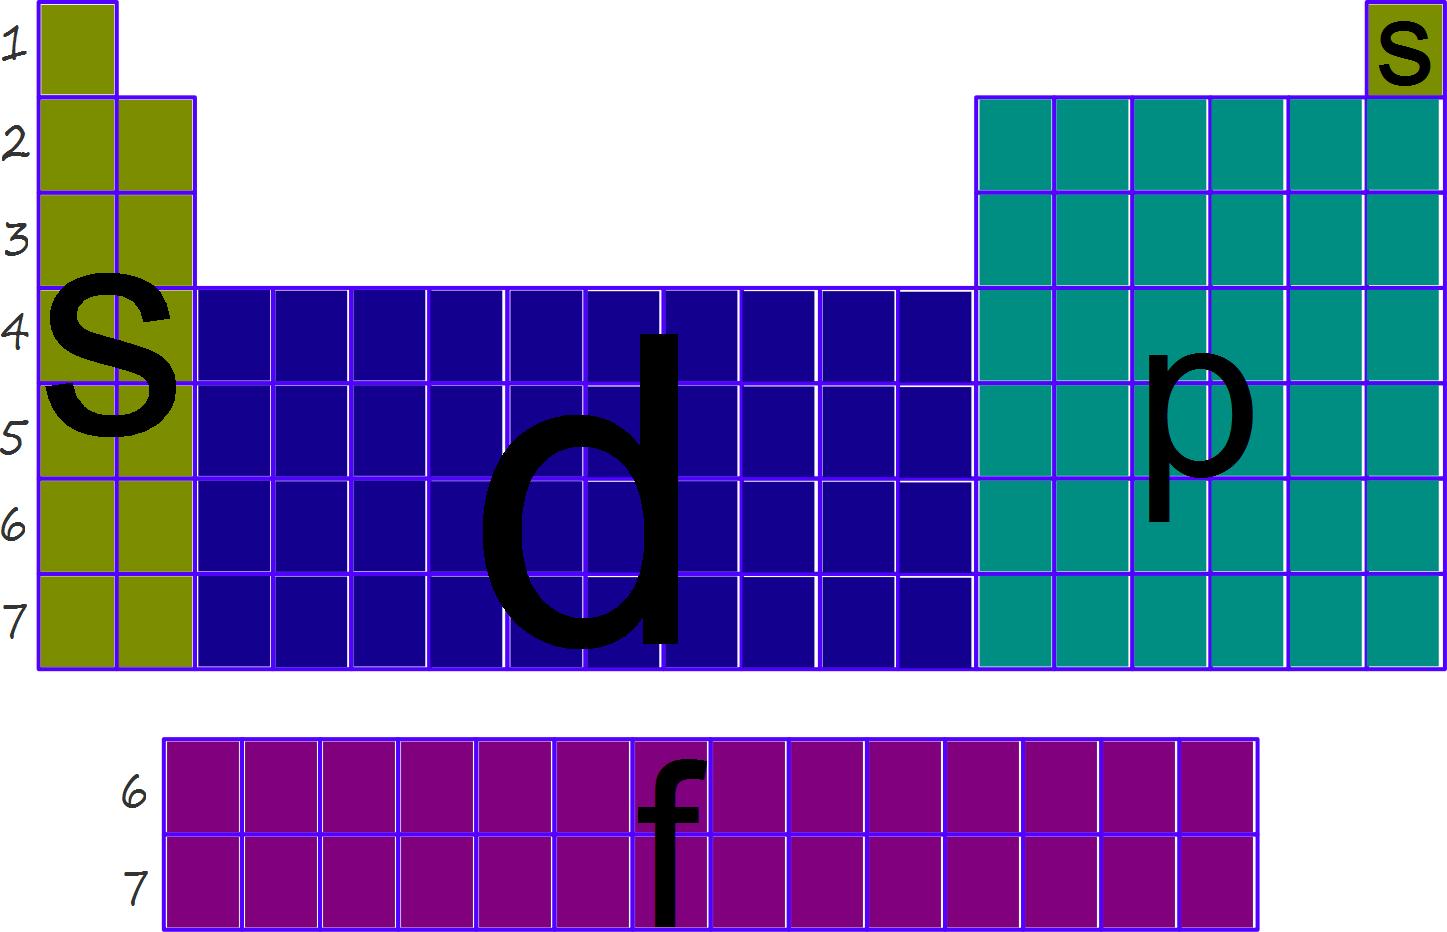 Quimica general divisin de la tabla peridica urtaz Gallery